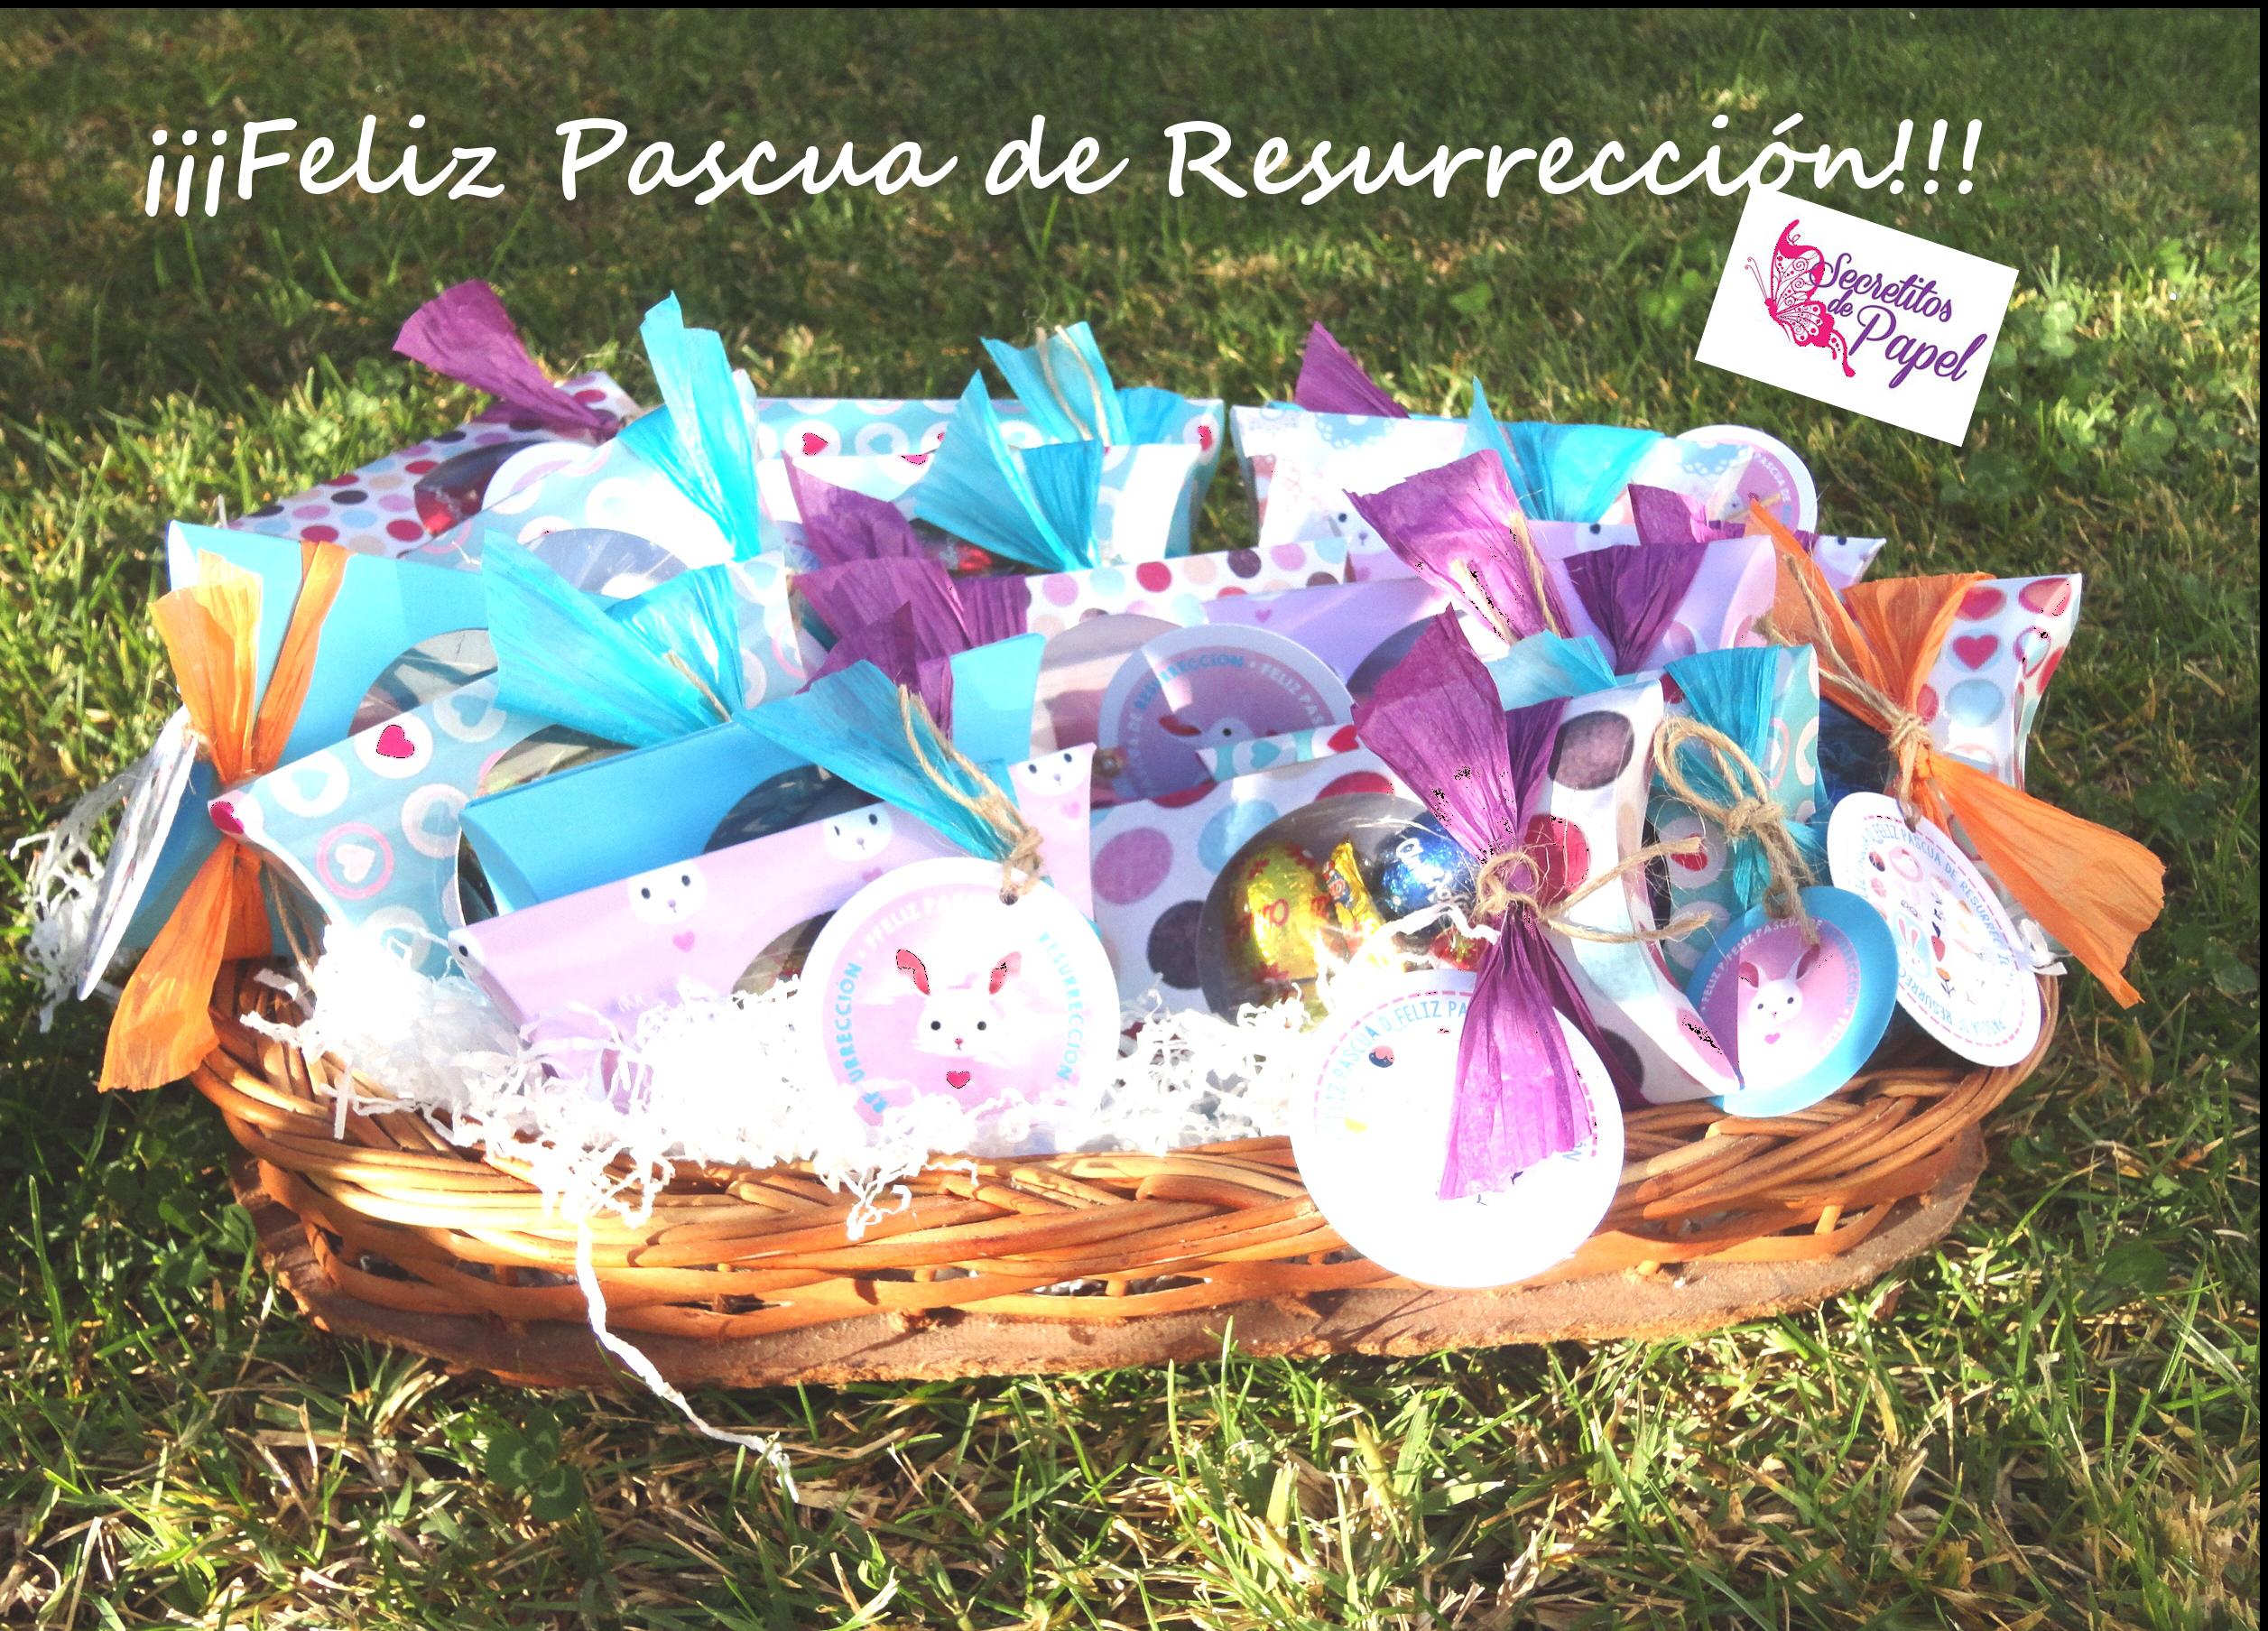 Regalo creativo de Pascua de Resurrección. Cajita con llamativos colores y etiquetas referidas al Conejito de Pascua, rellena con huevitos de chocolates para los niños y huevitos de caramelos y almendras para los más adultos,